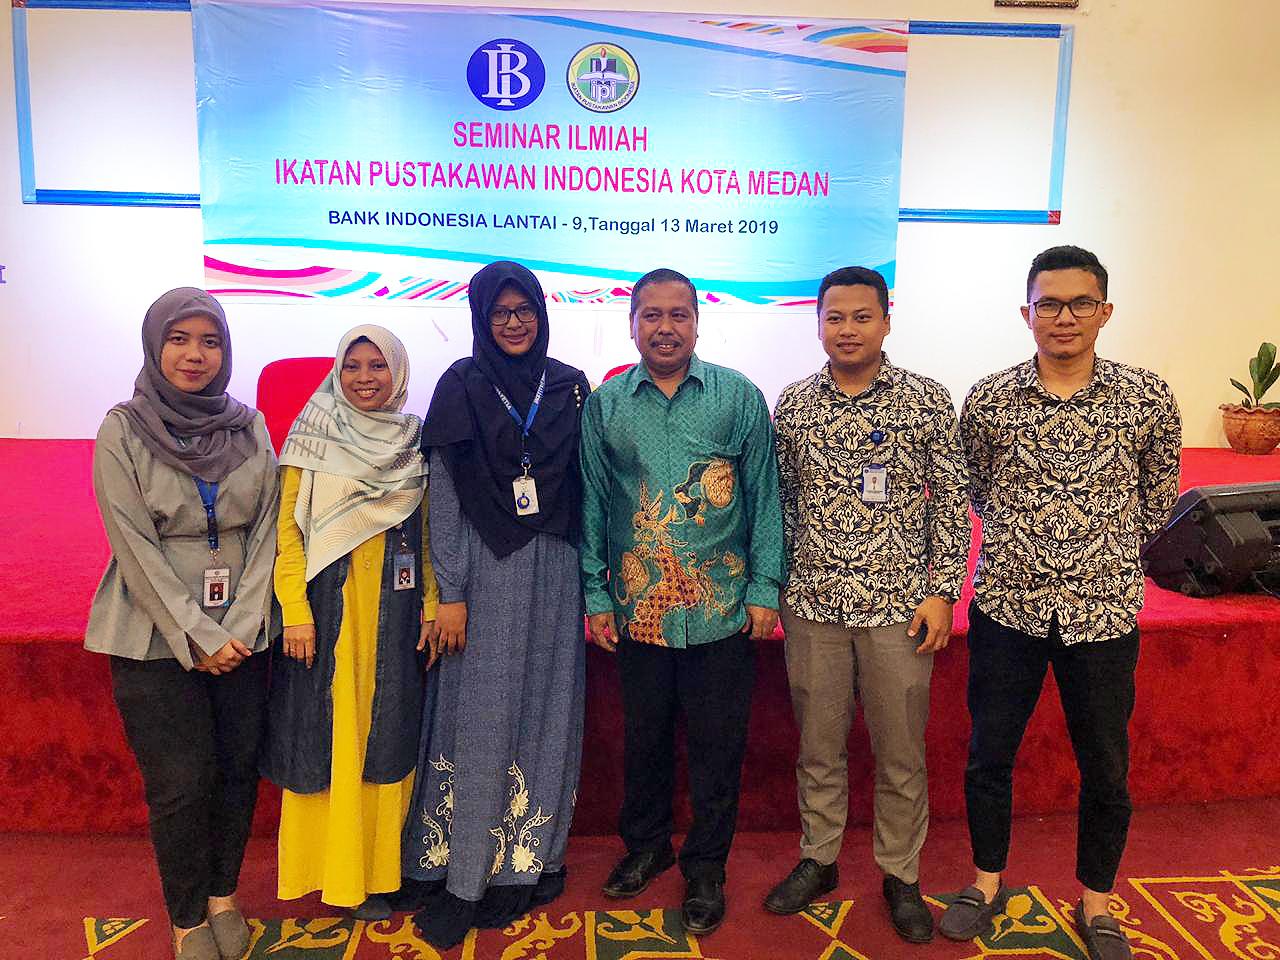 pustakawan UMA foto bersama pemateri seminar ilmiah ipi medan